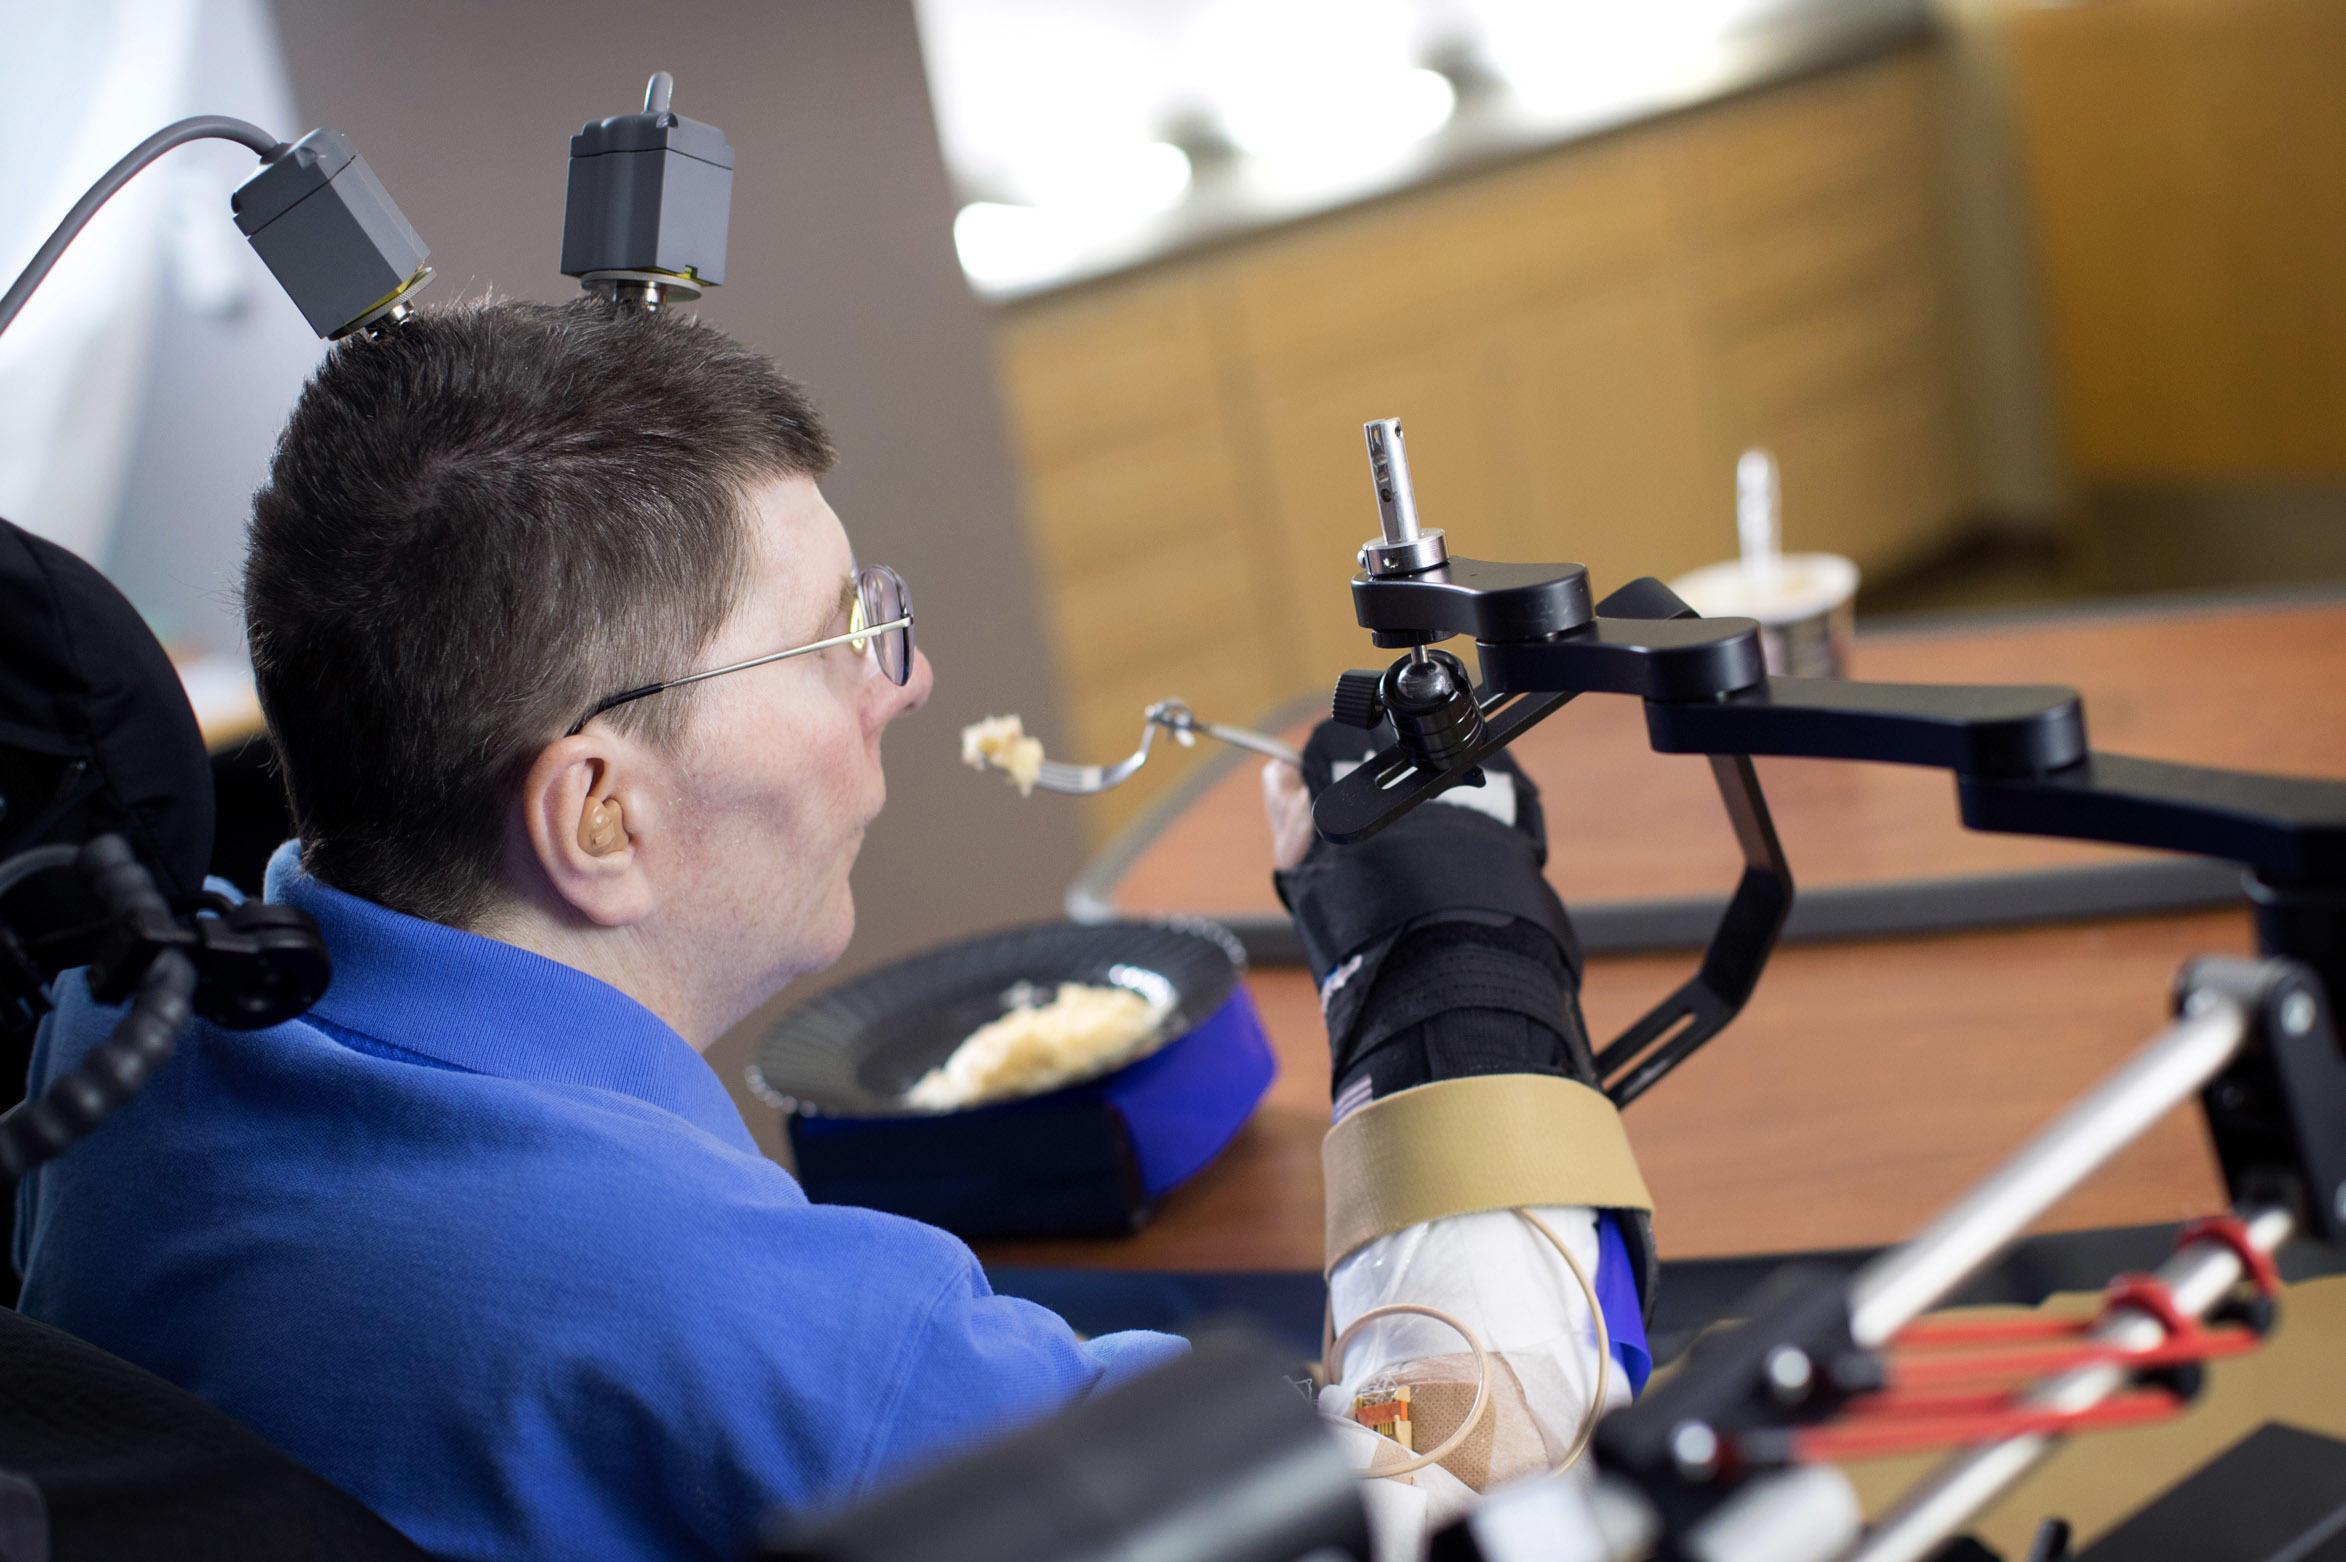 Новые технологии позволили парализованному человеку двигать рукой